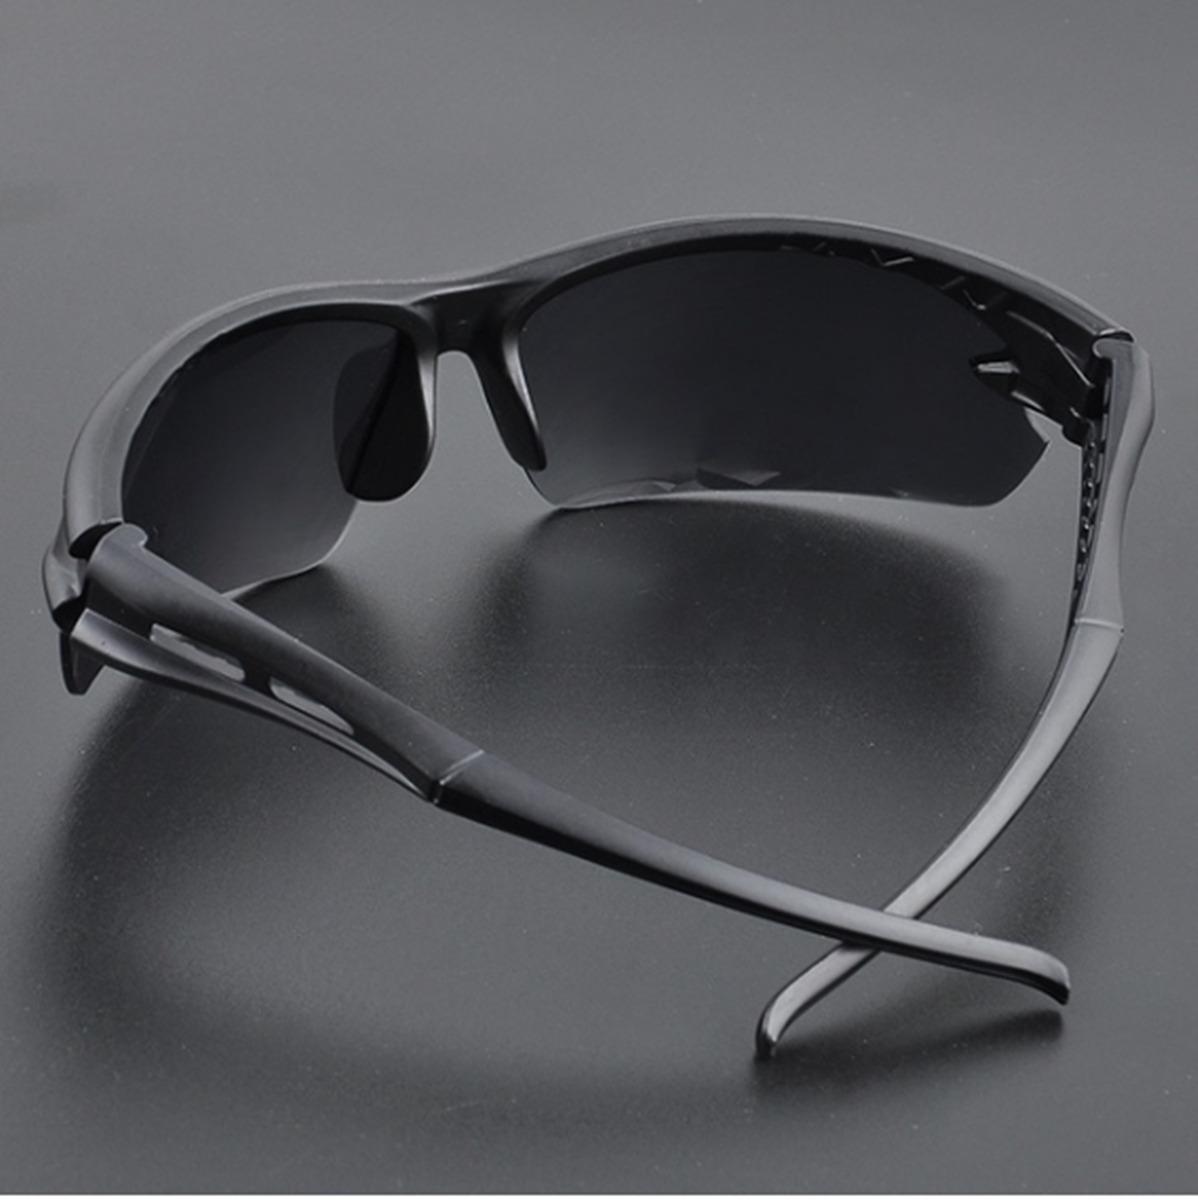 627d849f99b05 óculos de sol ciclista masculino feminino uv400 01 promoção. Carregando  zoom.